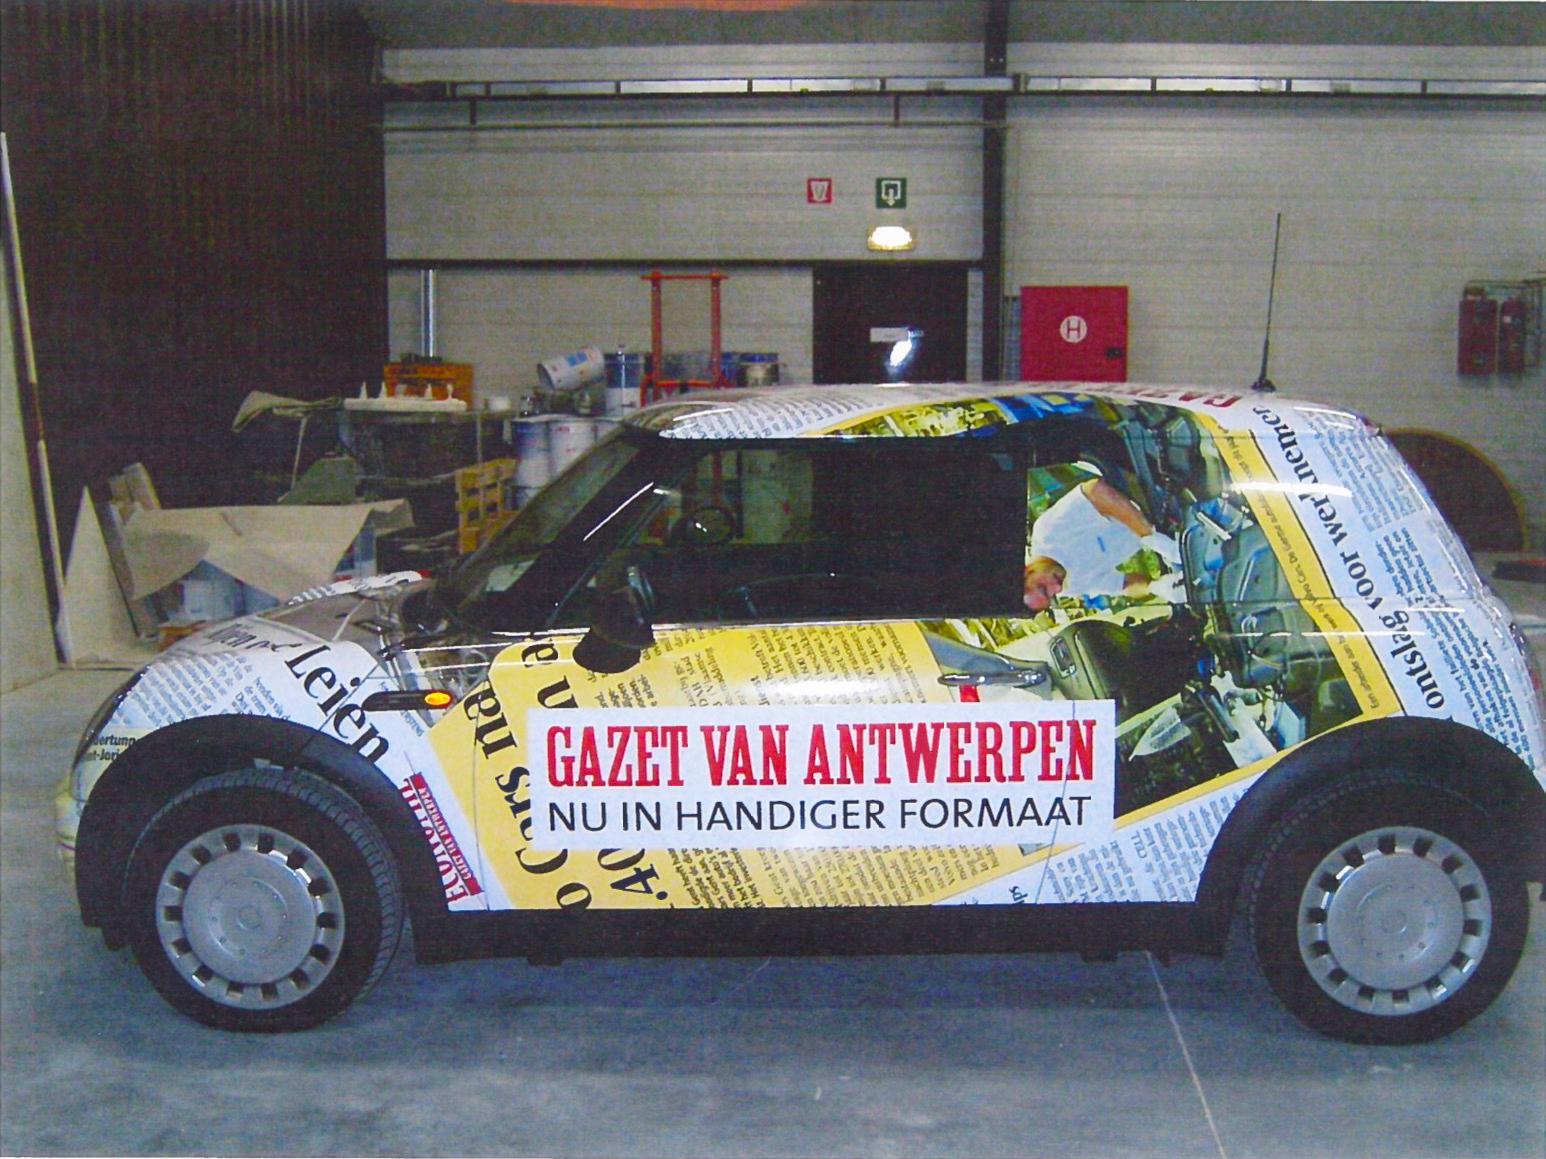 GVA - Gazet Van Antwerpen - groot